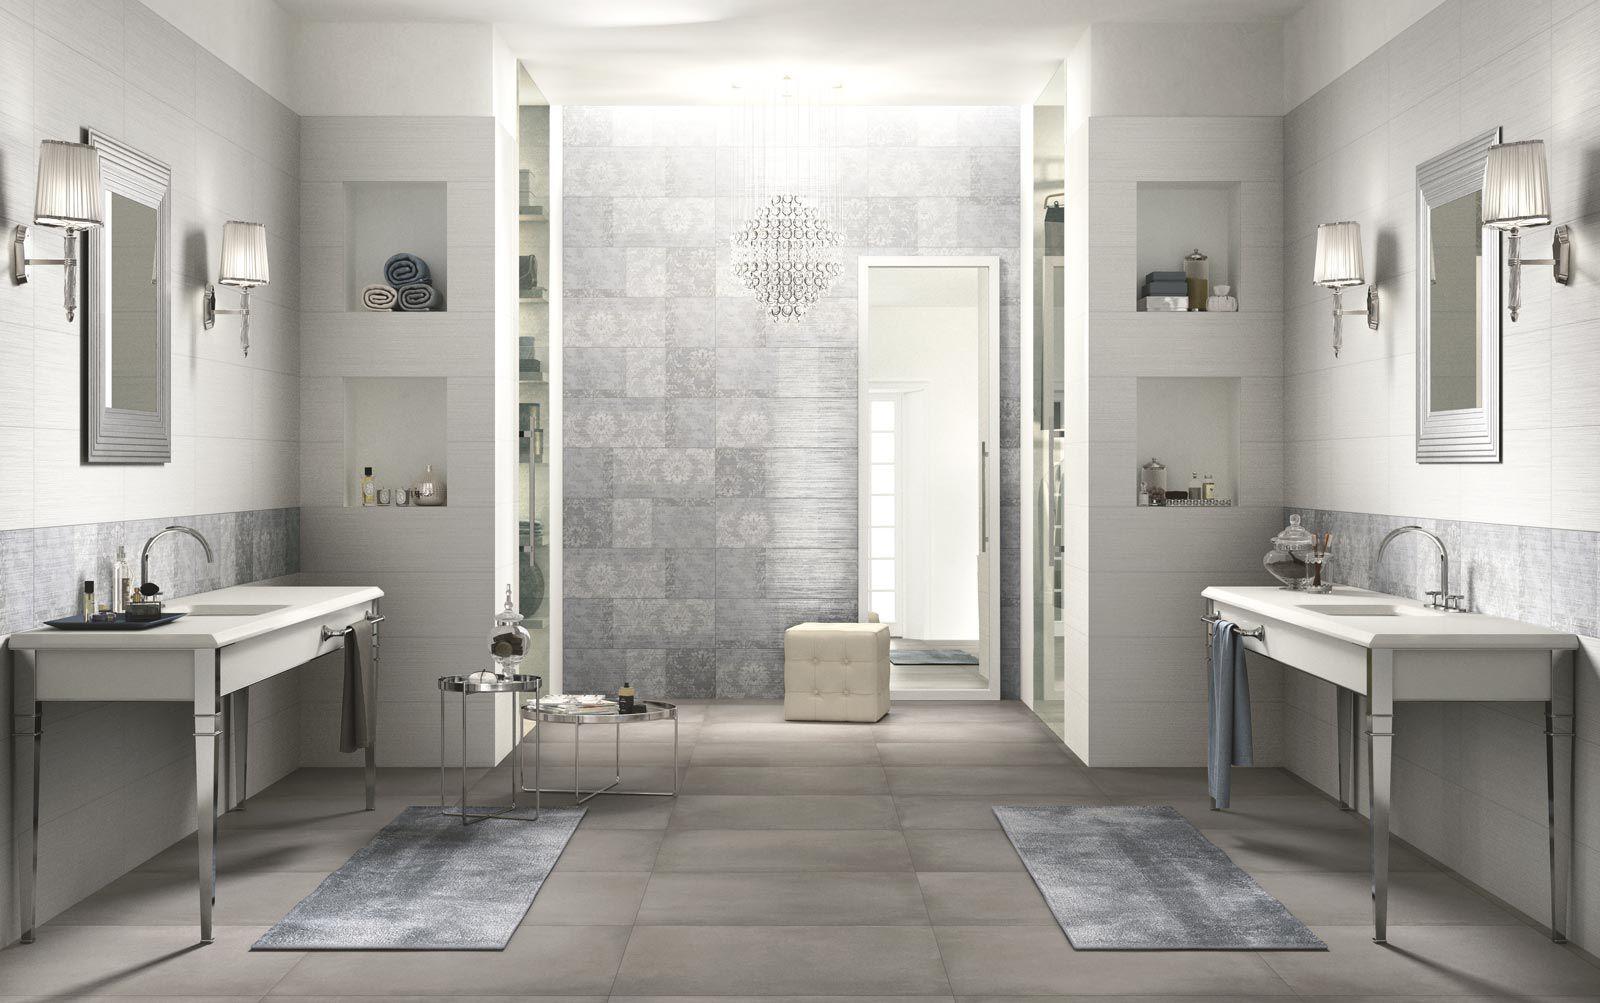 Piastrella da bagno / da parete / in ceramica / a righe - WALLPAPER ...